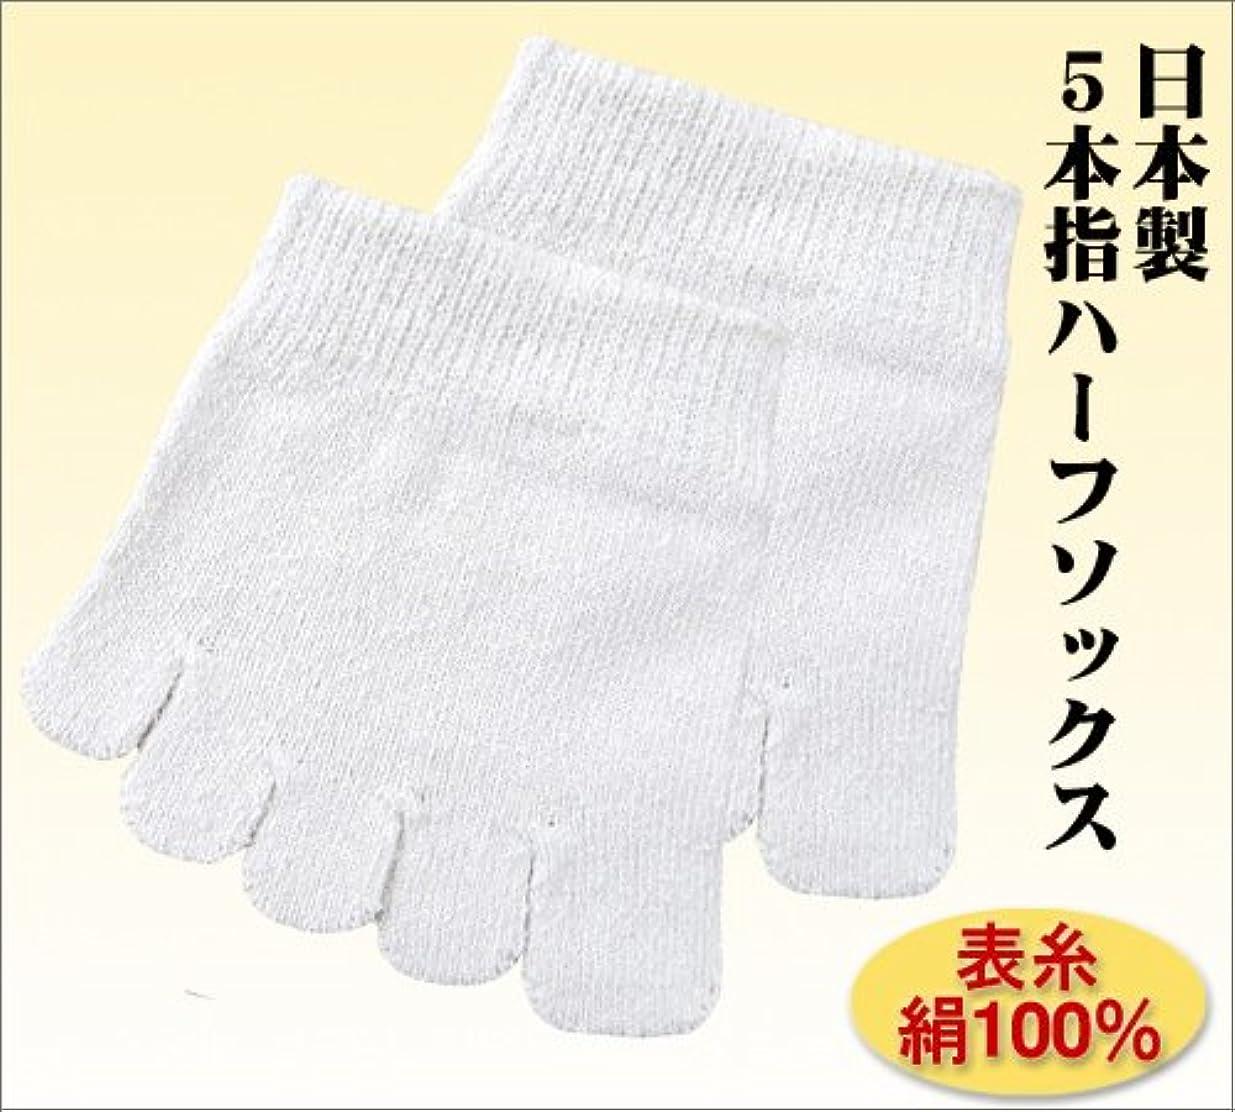 アルミニウム疲労ゴルフ日本製 天然シルク5本指ハーフソックス 表糸絹100% 快適な指先ソックス (紳士用 黒色2足組)